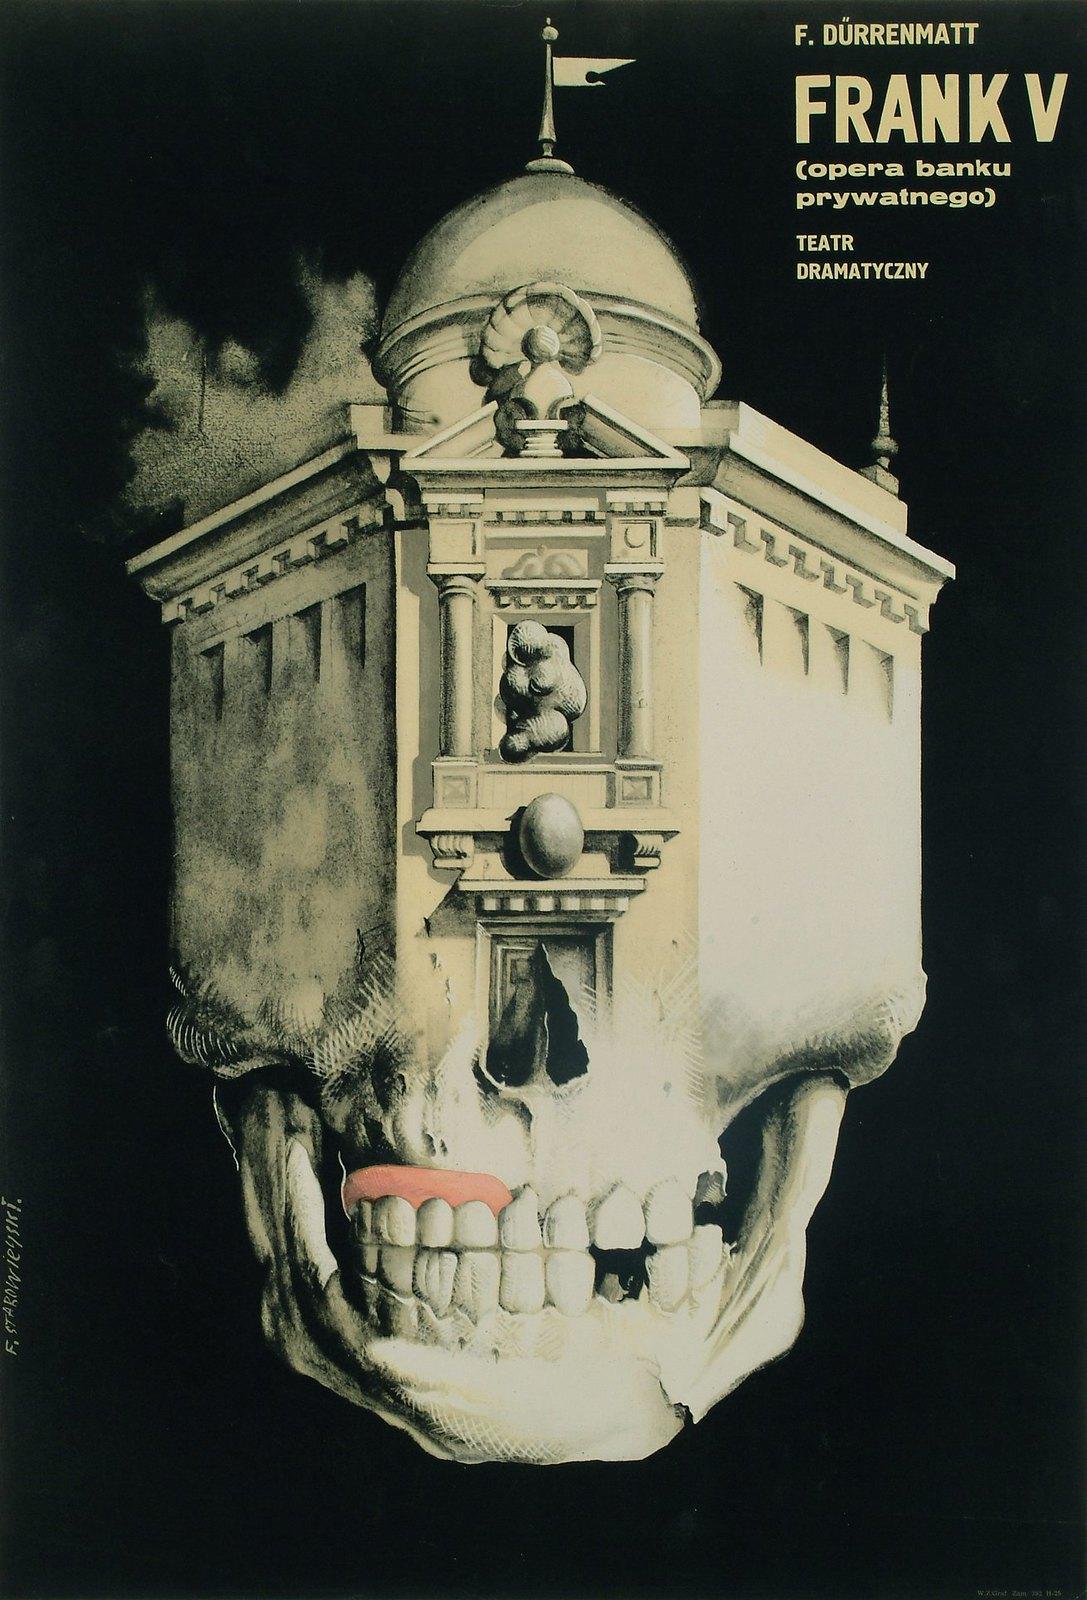 Franciszek Starowieyski -  Frank V (plakat do spektaklu Friedricha Durrenmatta), 1962